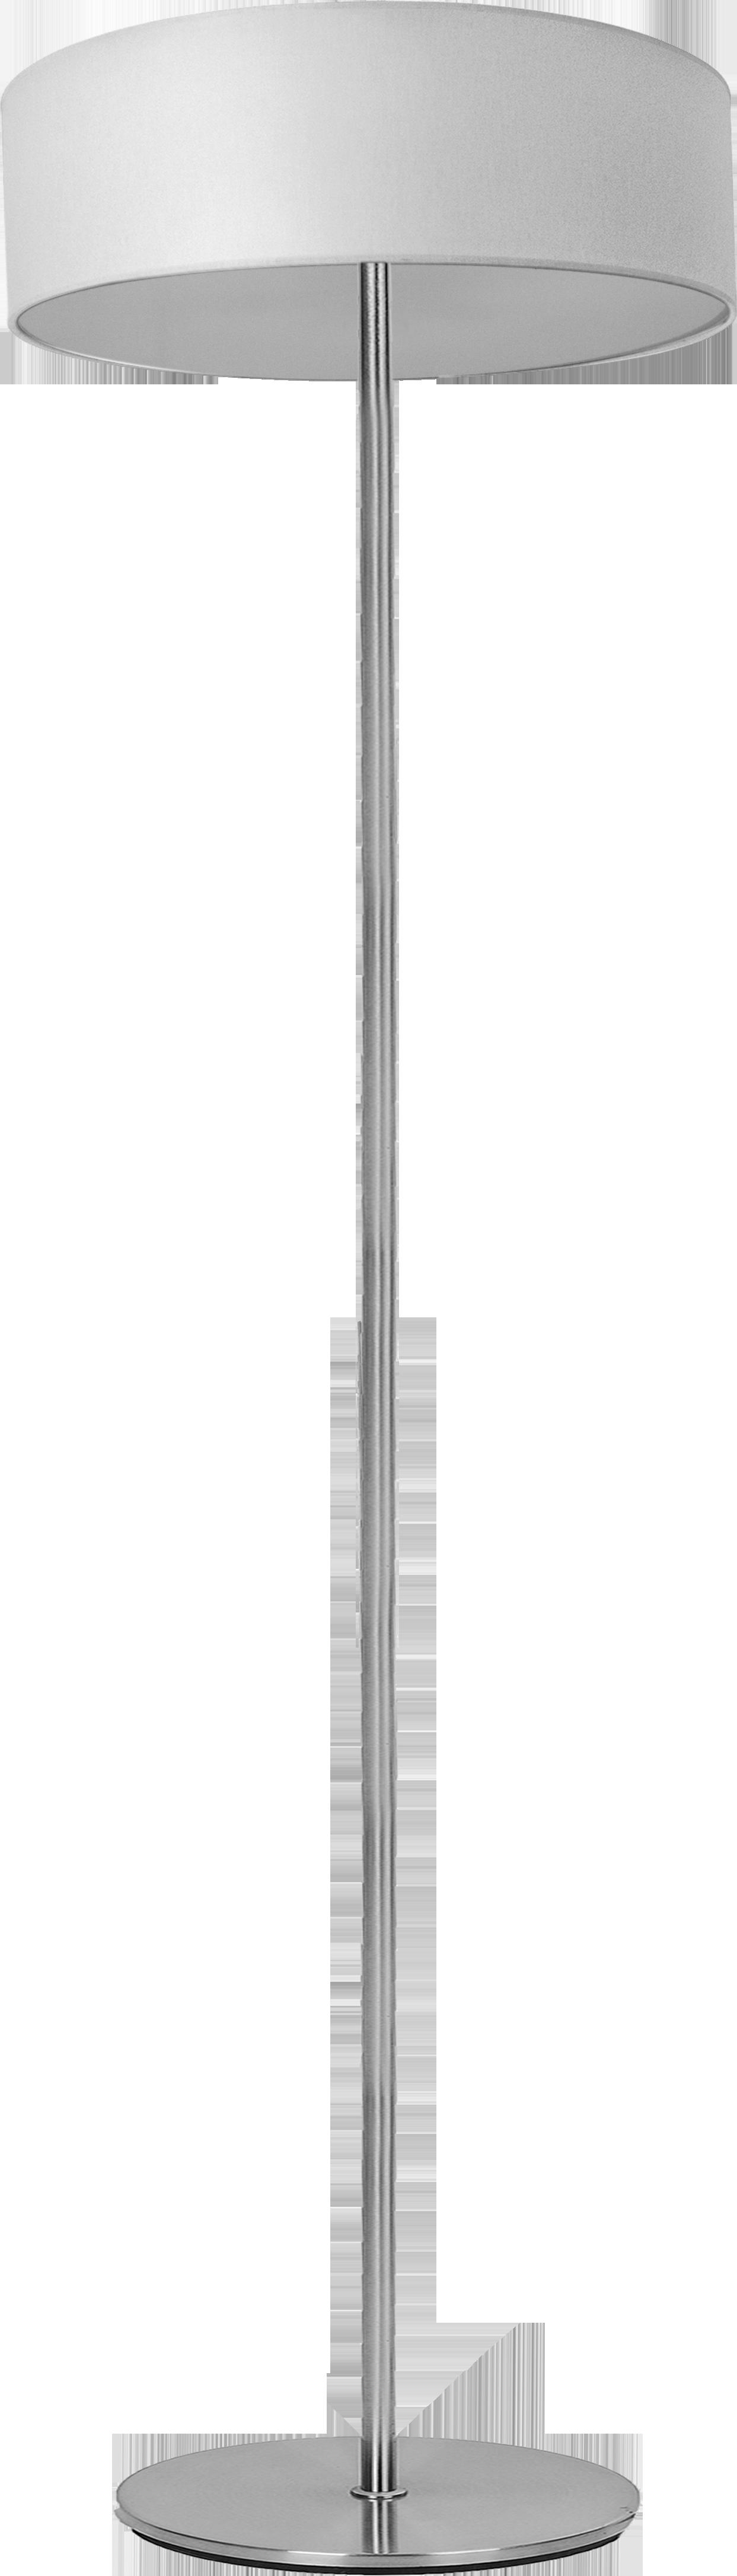 Светильник напольный  DEFINE BS300/1F